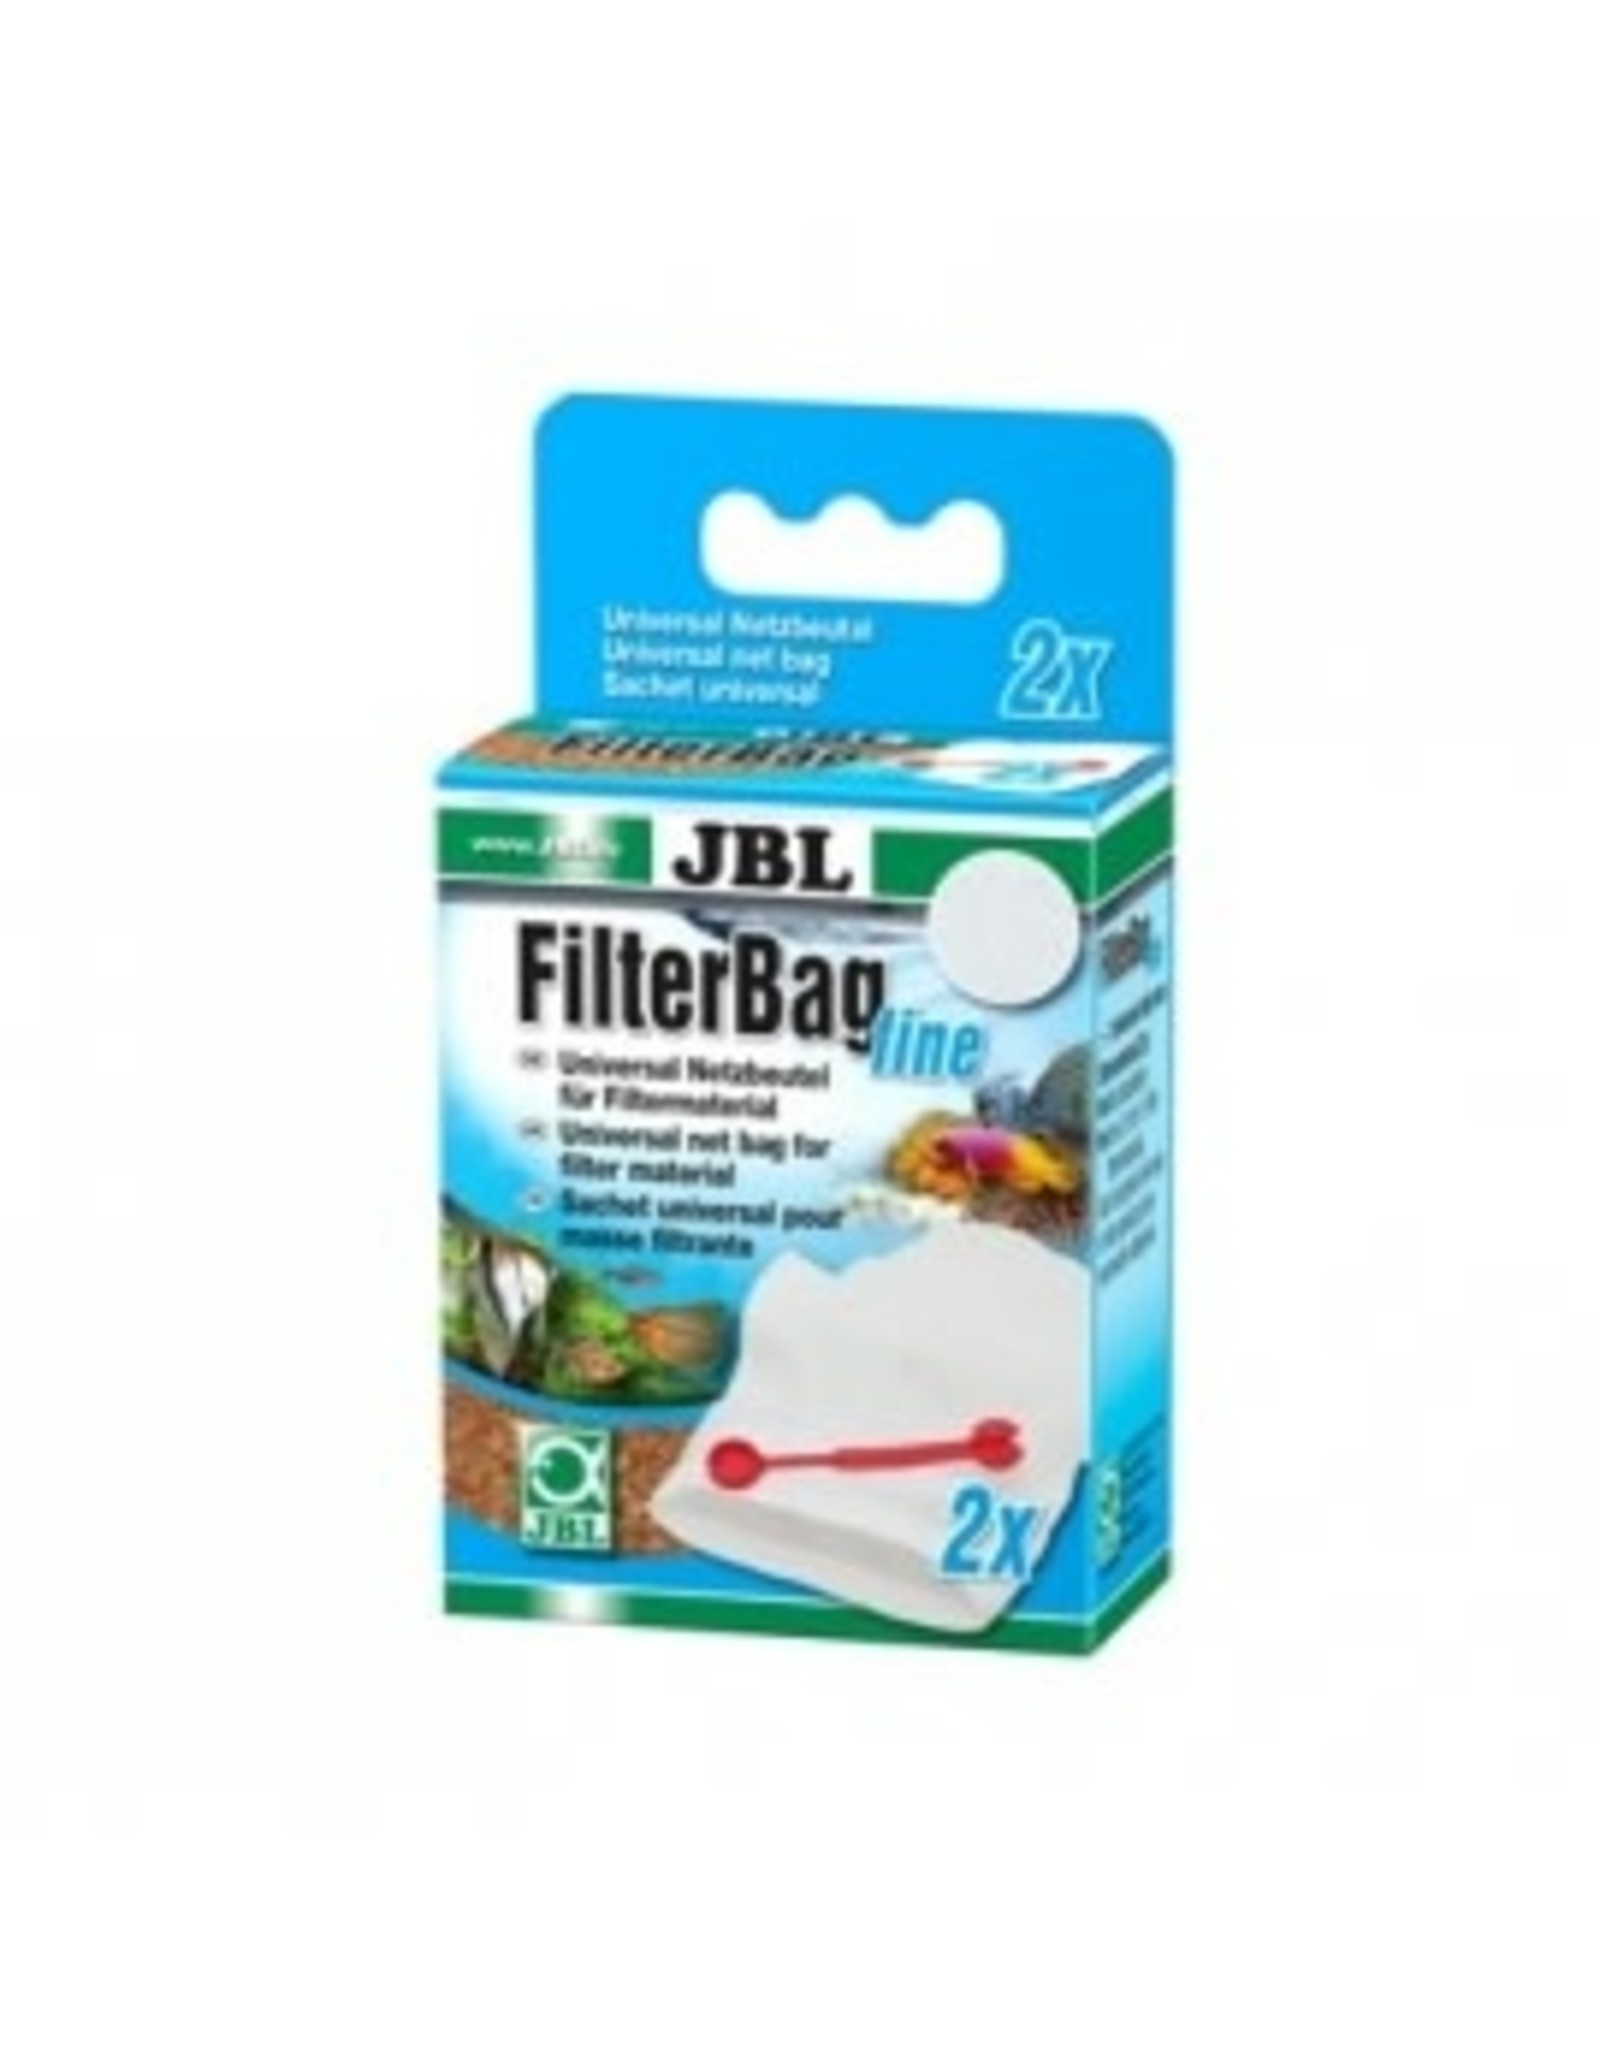 JBL Filter Bag JBL 2pcs